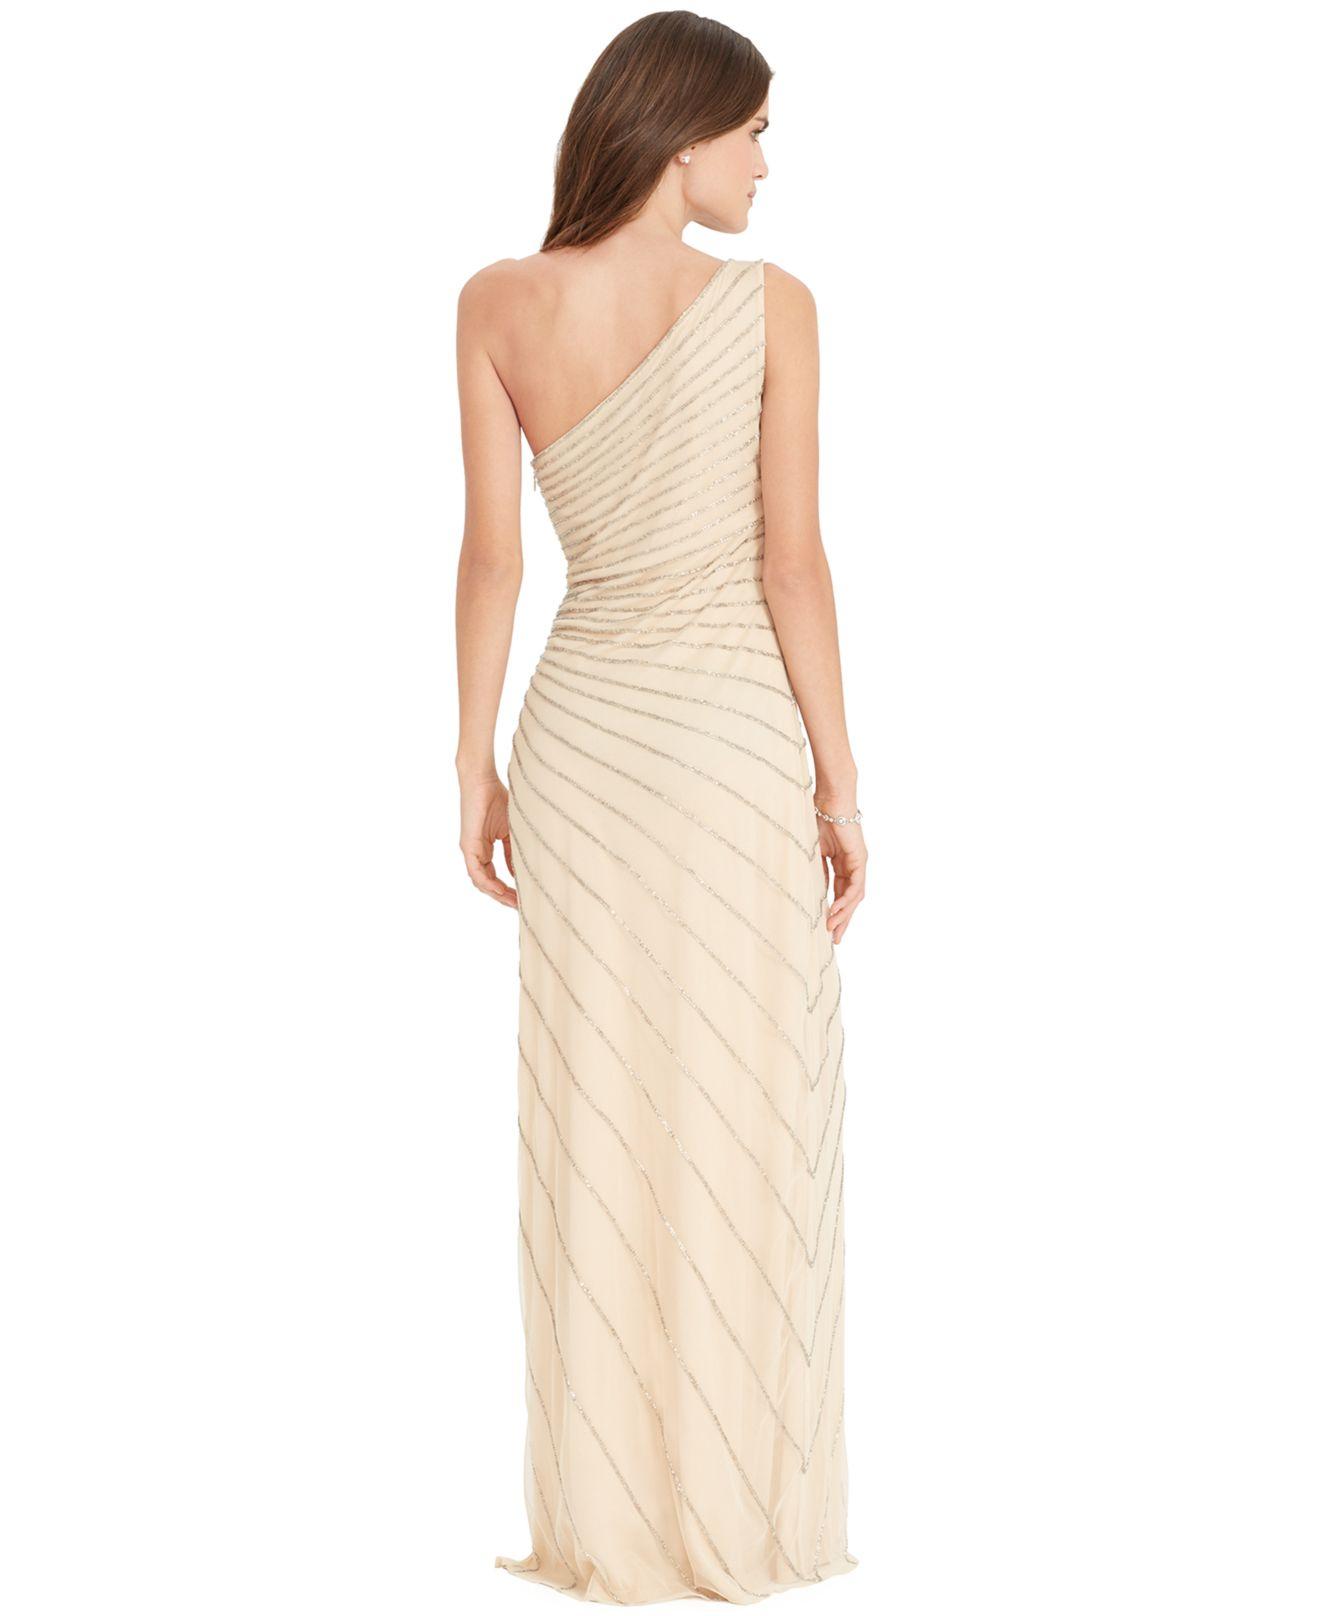 Lyst - Lauren By Ralph Lauren One-Shoulder Beaded Gown in Natural